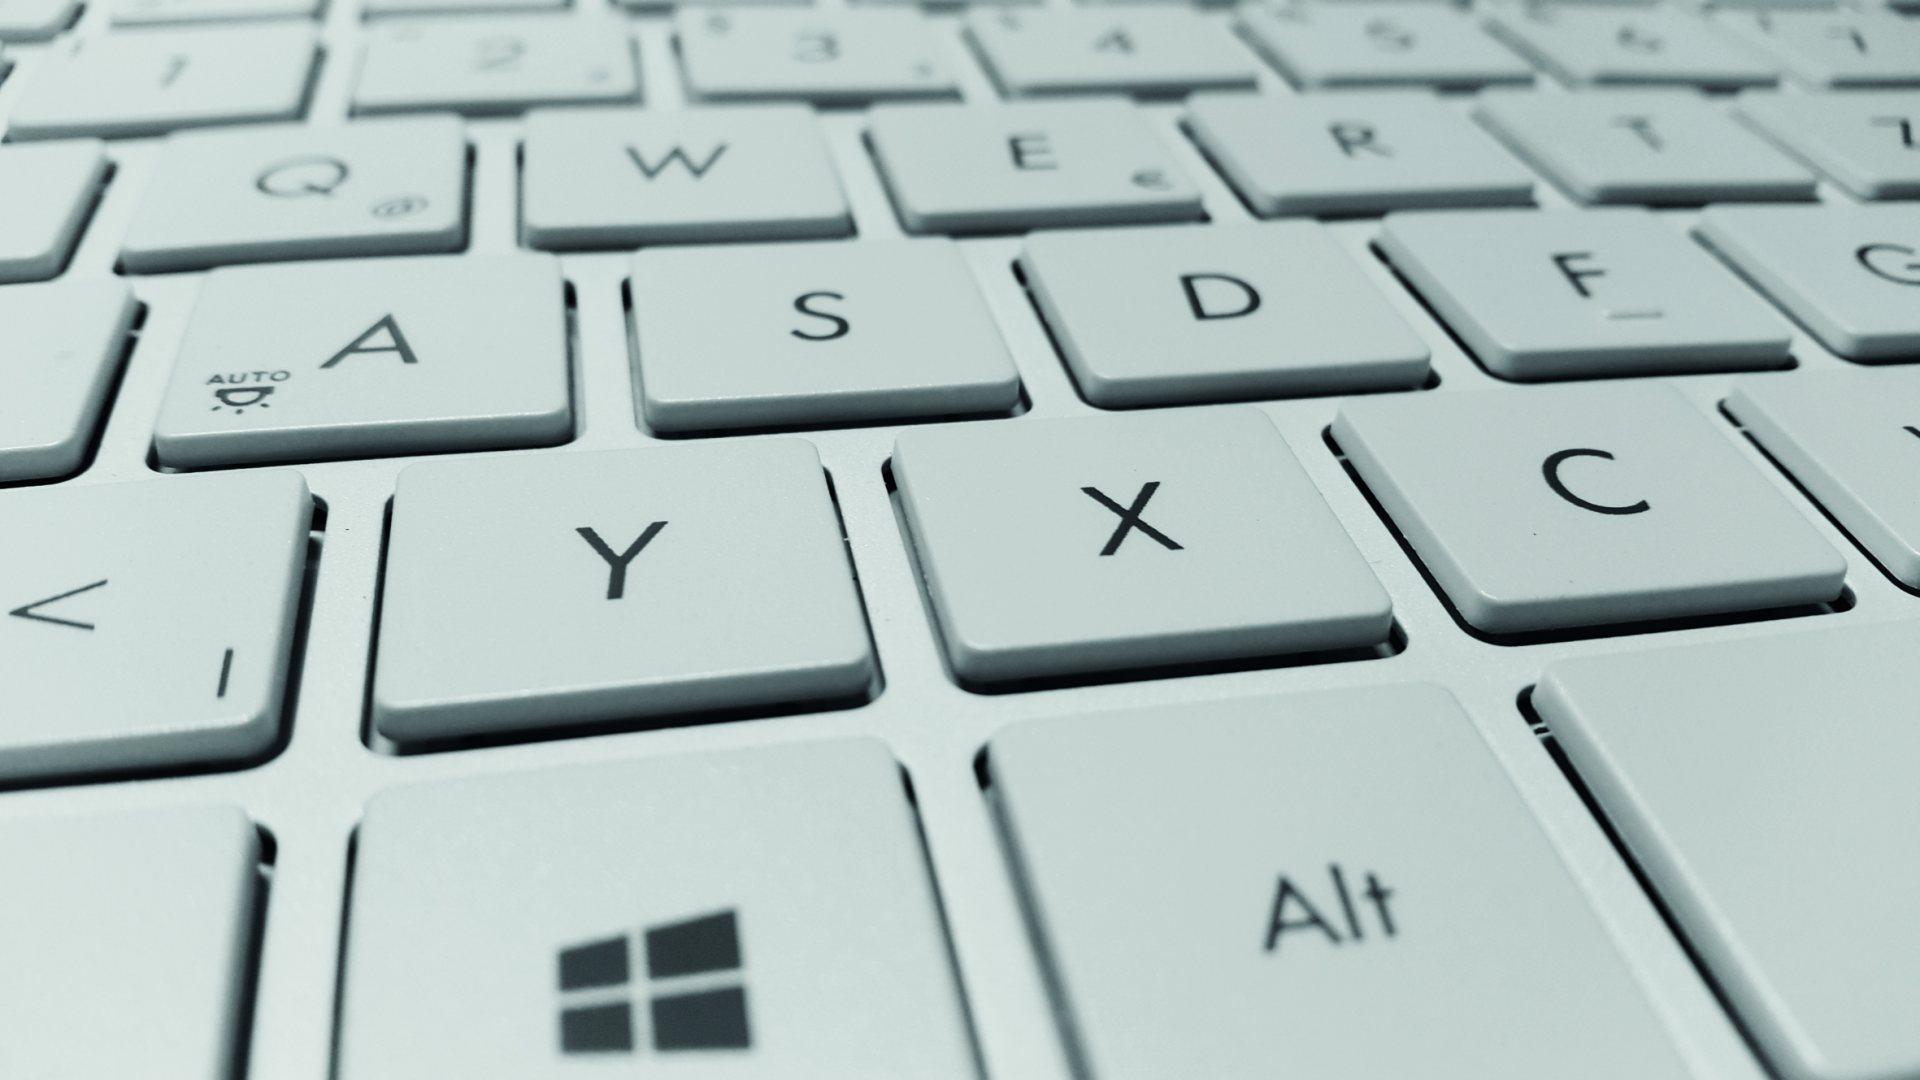 Ste pripravljeni na digitalizacijo?